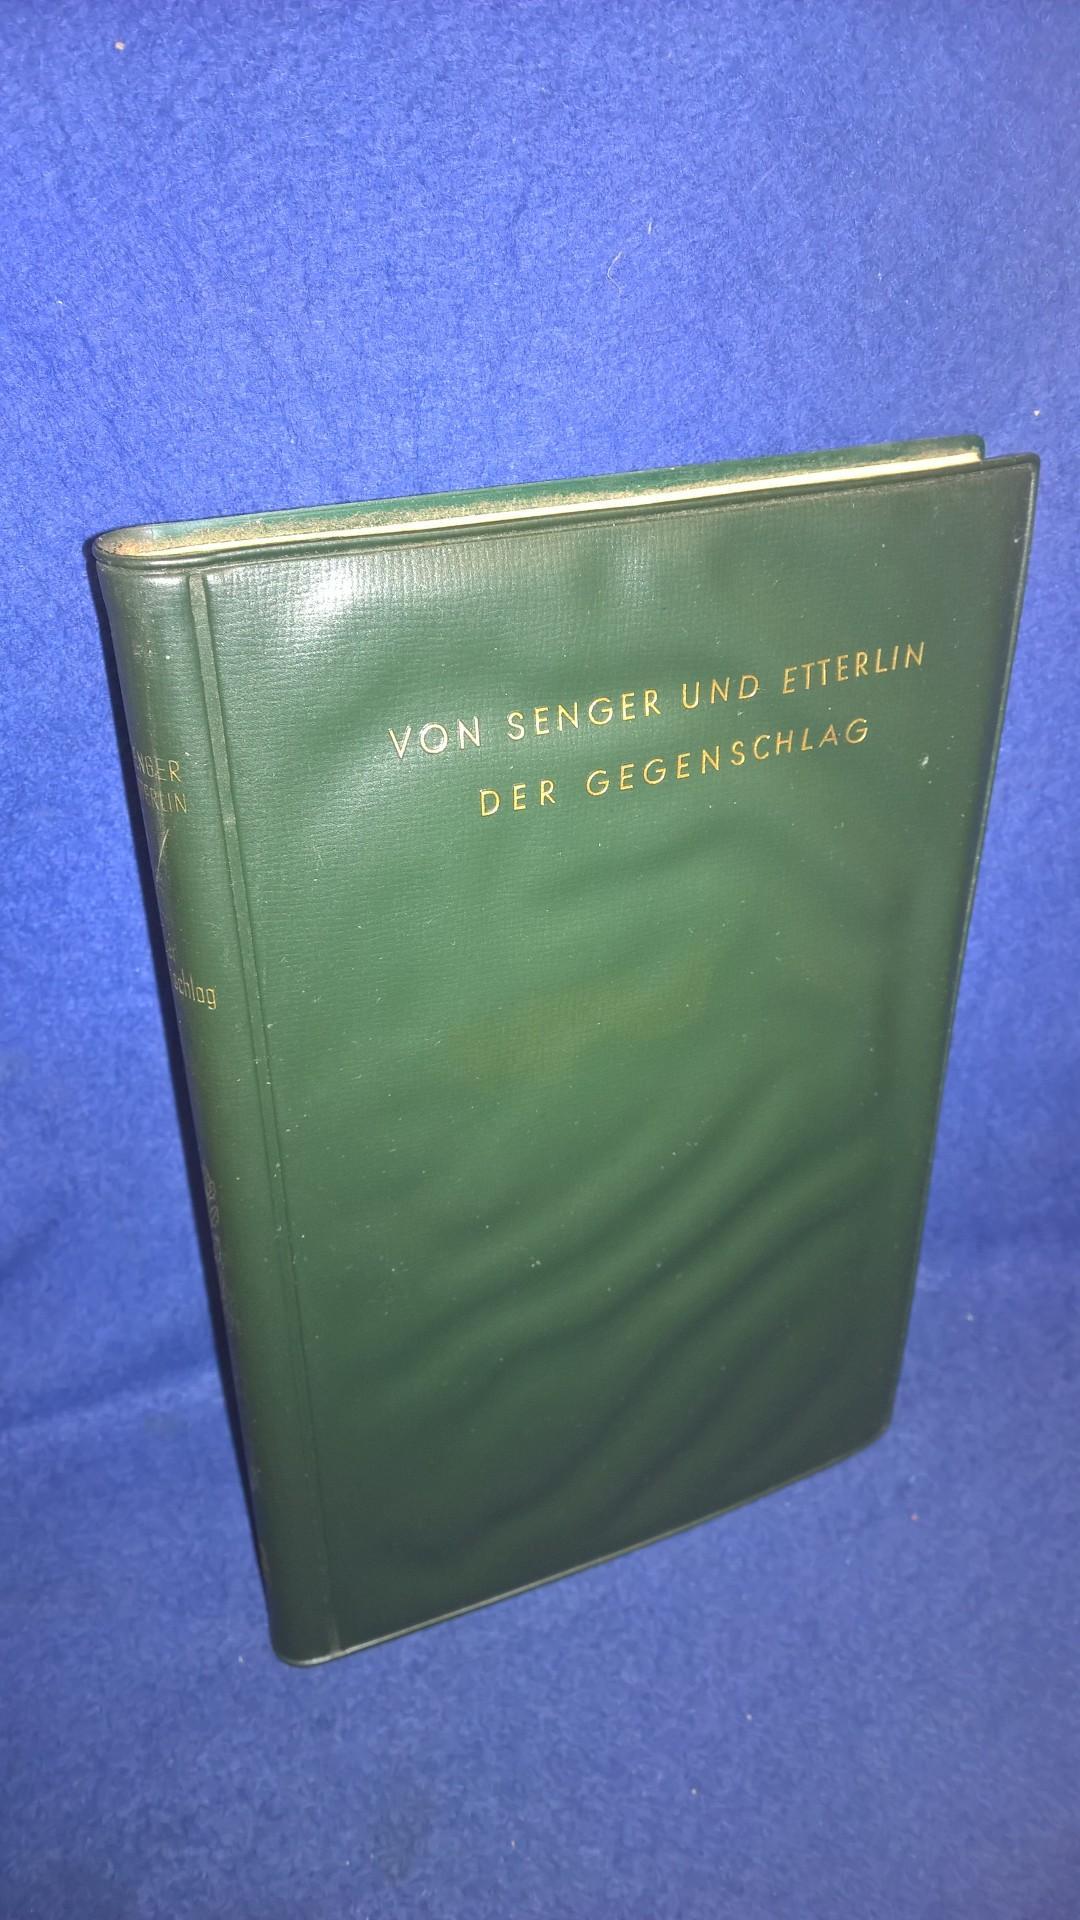 Wehrmacht im Kampf, Band 22: Der Gegenschlag. - Kampfbeispiele und Führungsgrundsätze der Beweglichen Abwehr.